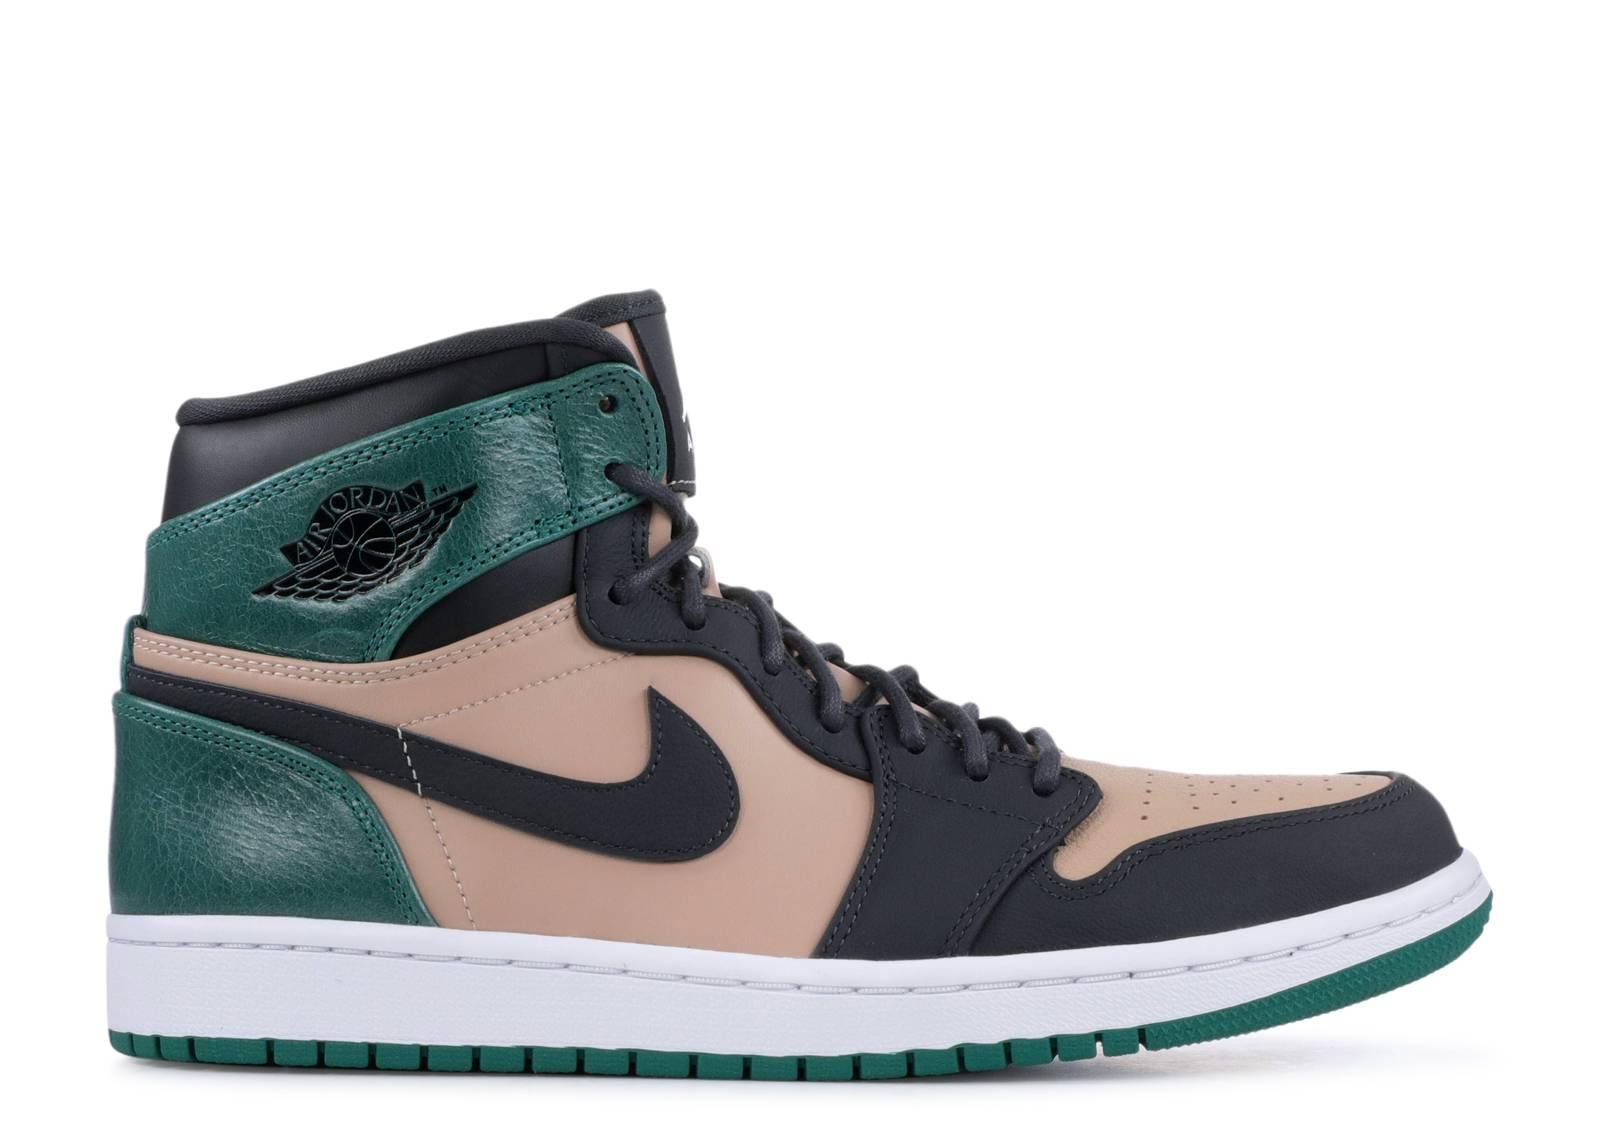 Wmns Air Jordan 1 High Premium